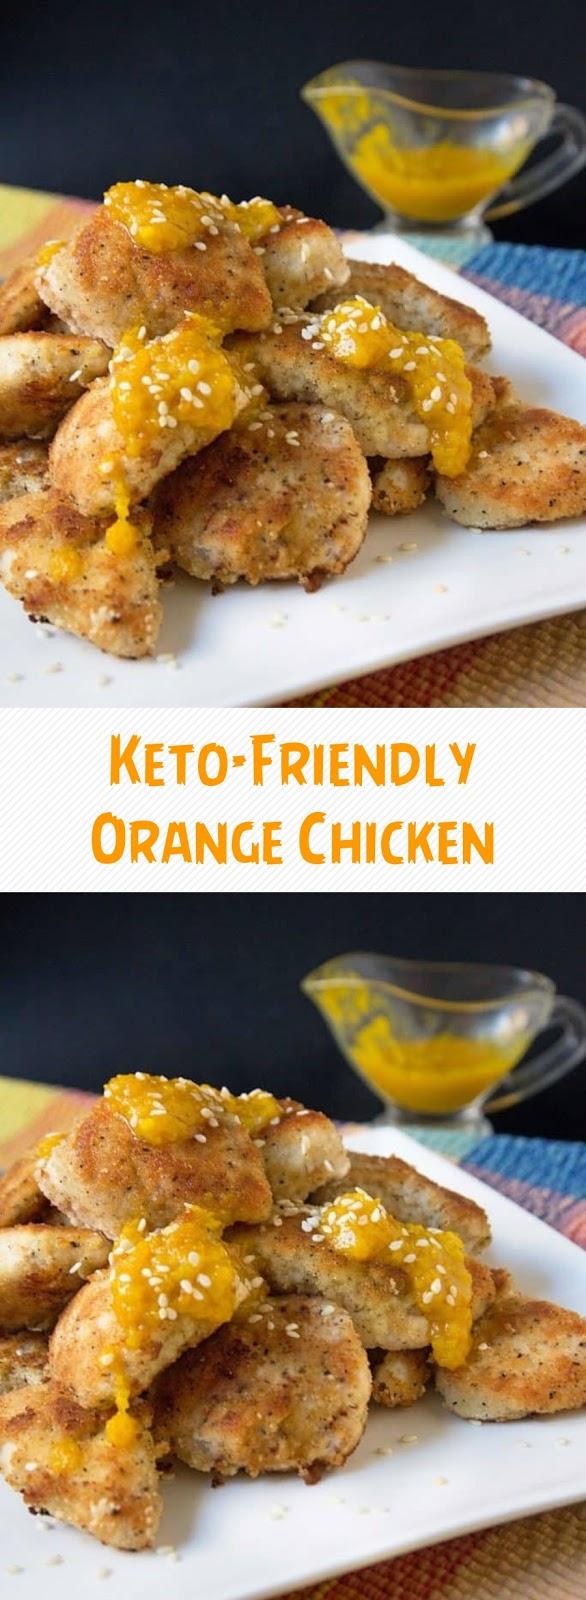 Keto-Friendly Orange Chicken